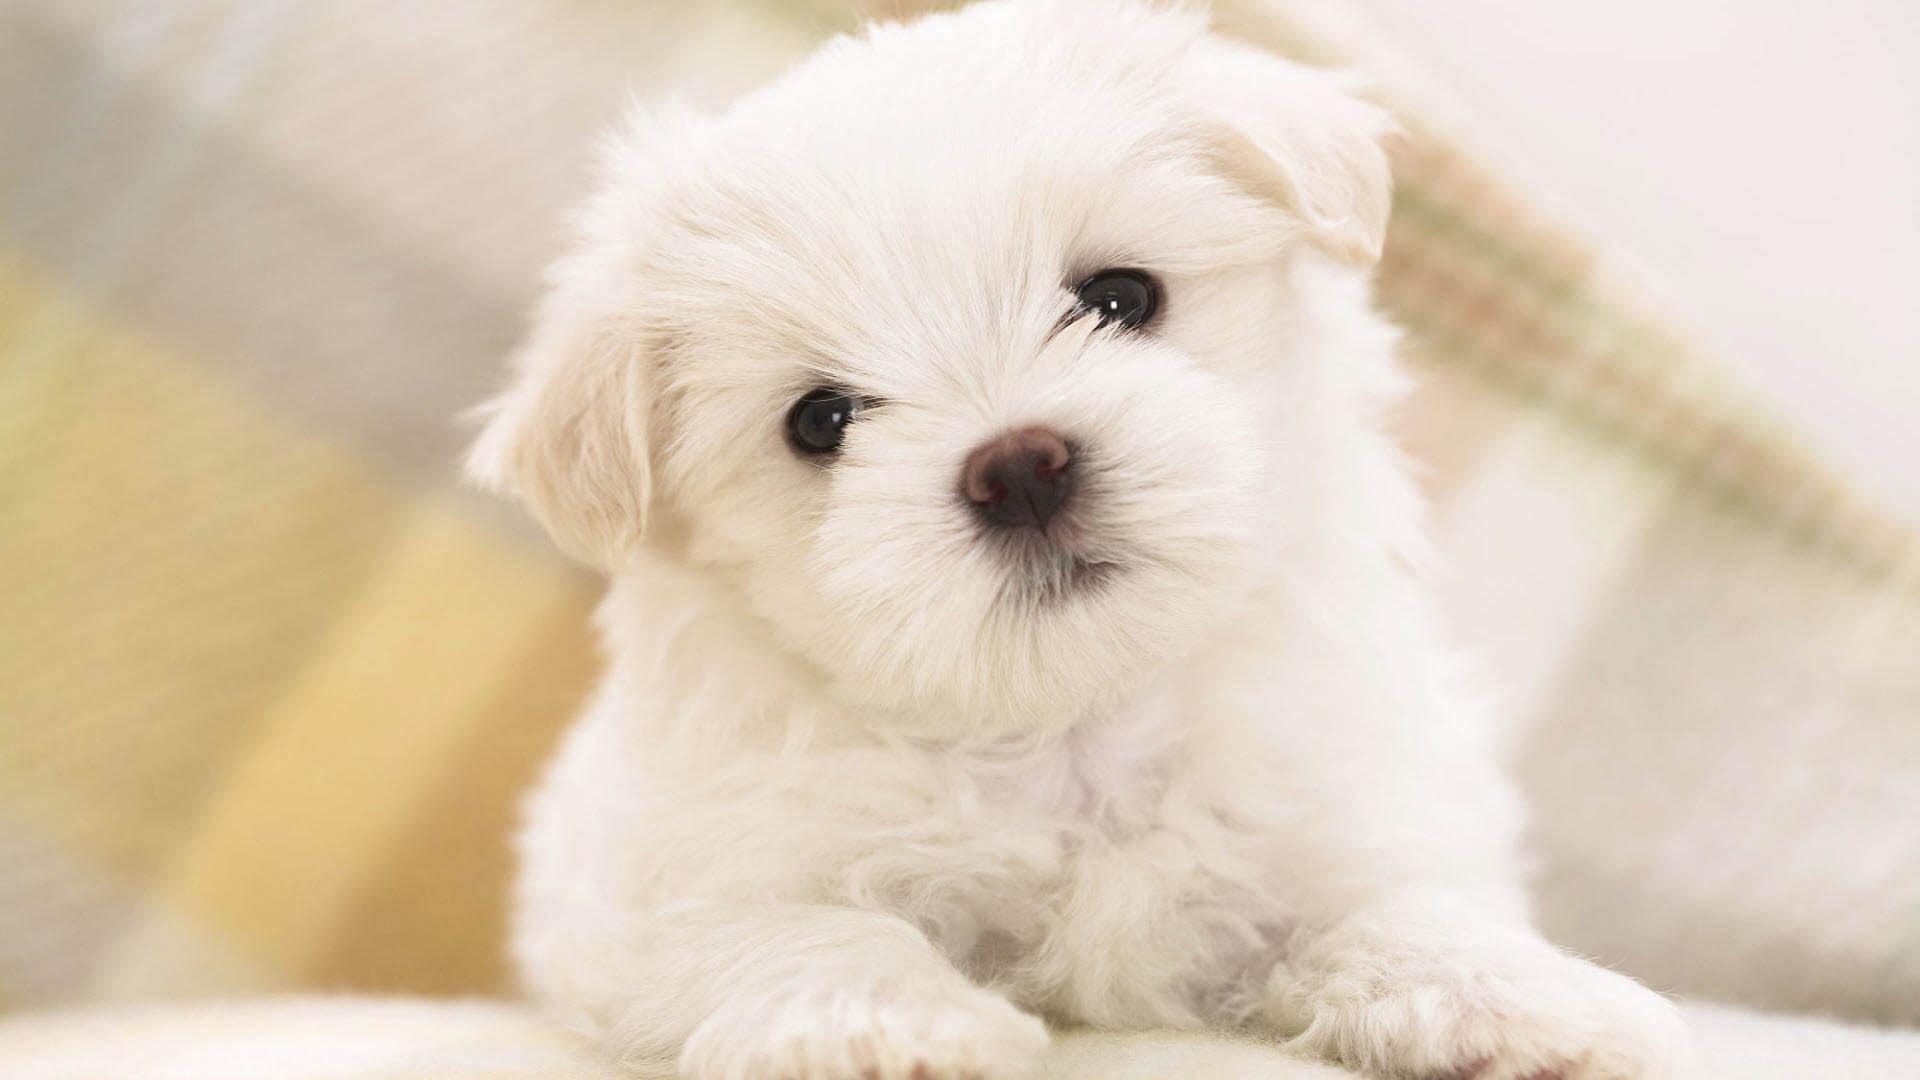 Dogs Wallpaper cute dog wallpapers for desktop - wallpapersafari